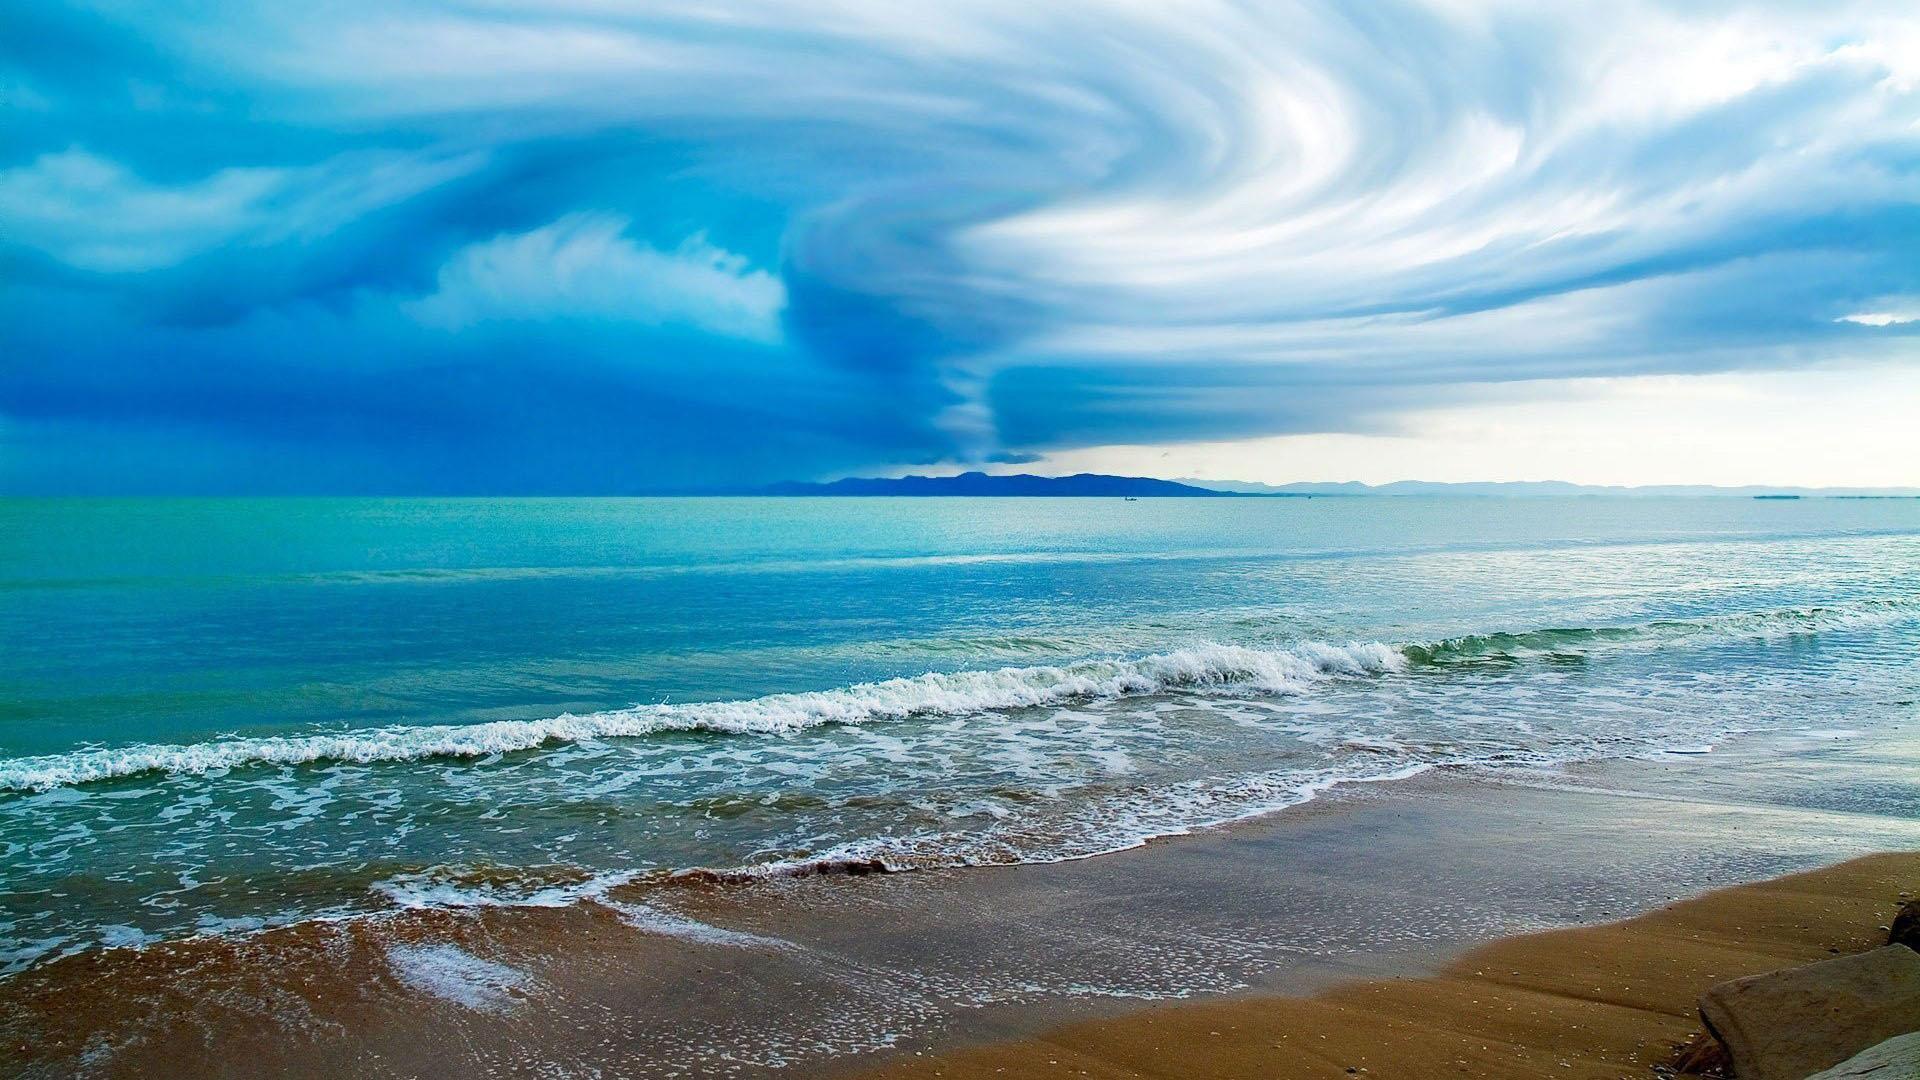 صور بحر خلفيات البحار والمياة بجودة HD (11)